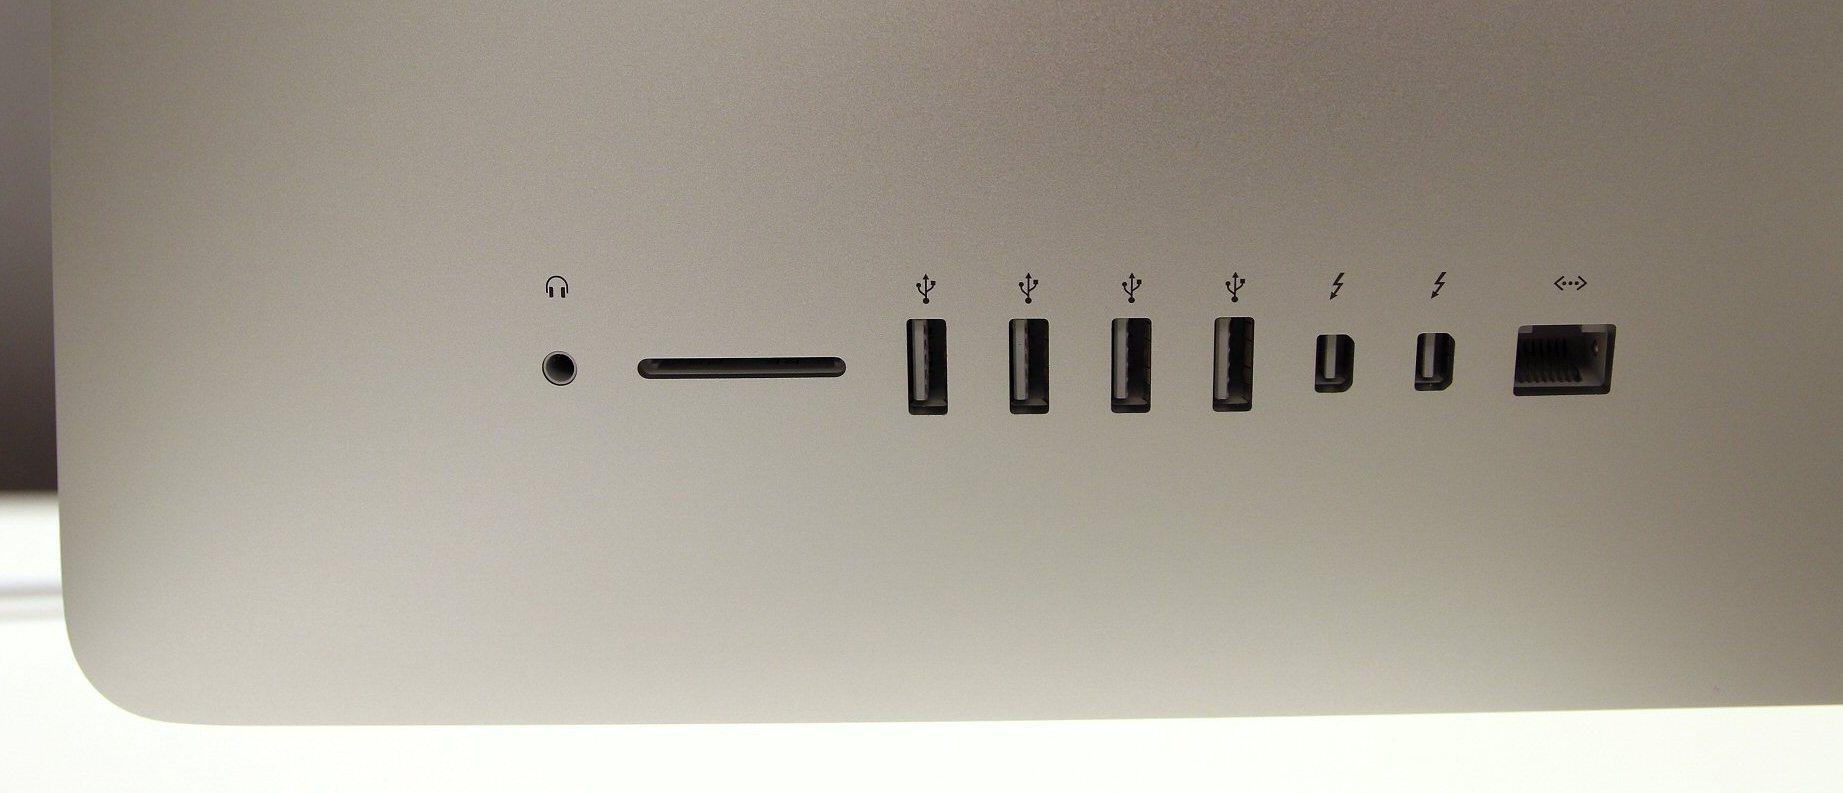 Datamaskinen har Bluetooth 4.0 og 802.11ac trådløst nettverk. I tillegg kommer lydutgang, minnekortleser, fire USB 3.0-porter, to Thunderbolt 2-porter og gigabit LAN-port.Foto: Vegar Jansen, Tek.no